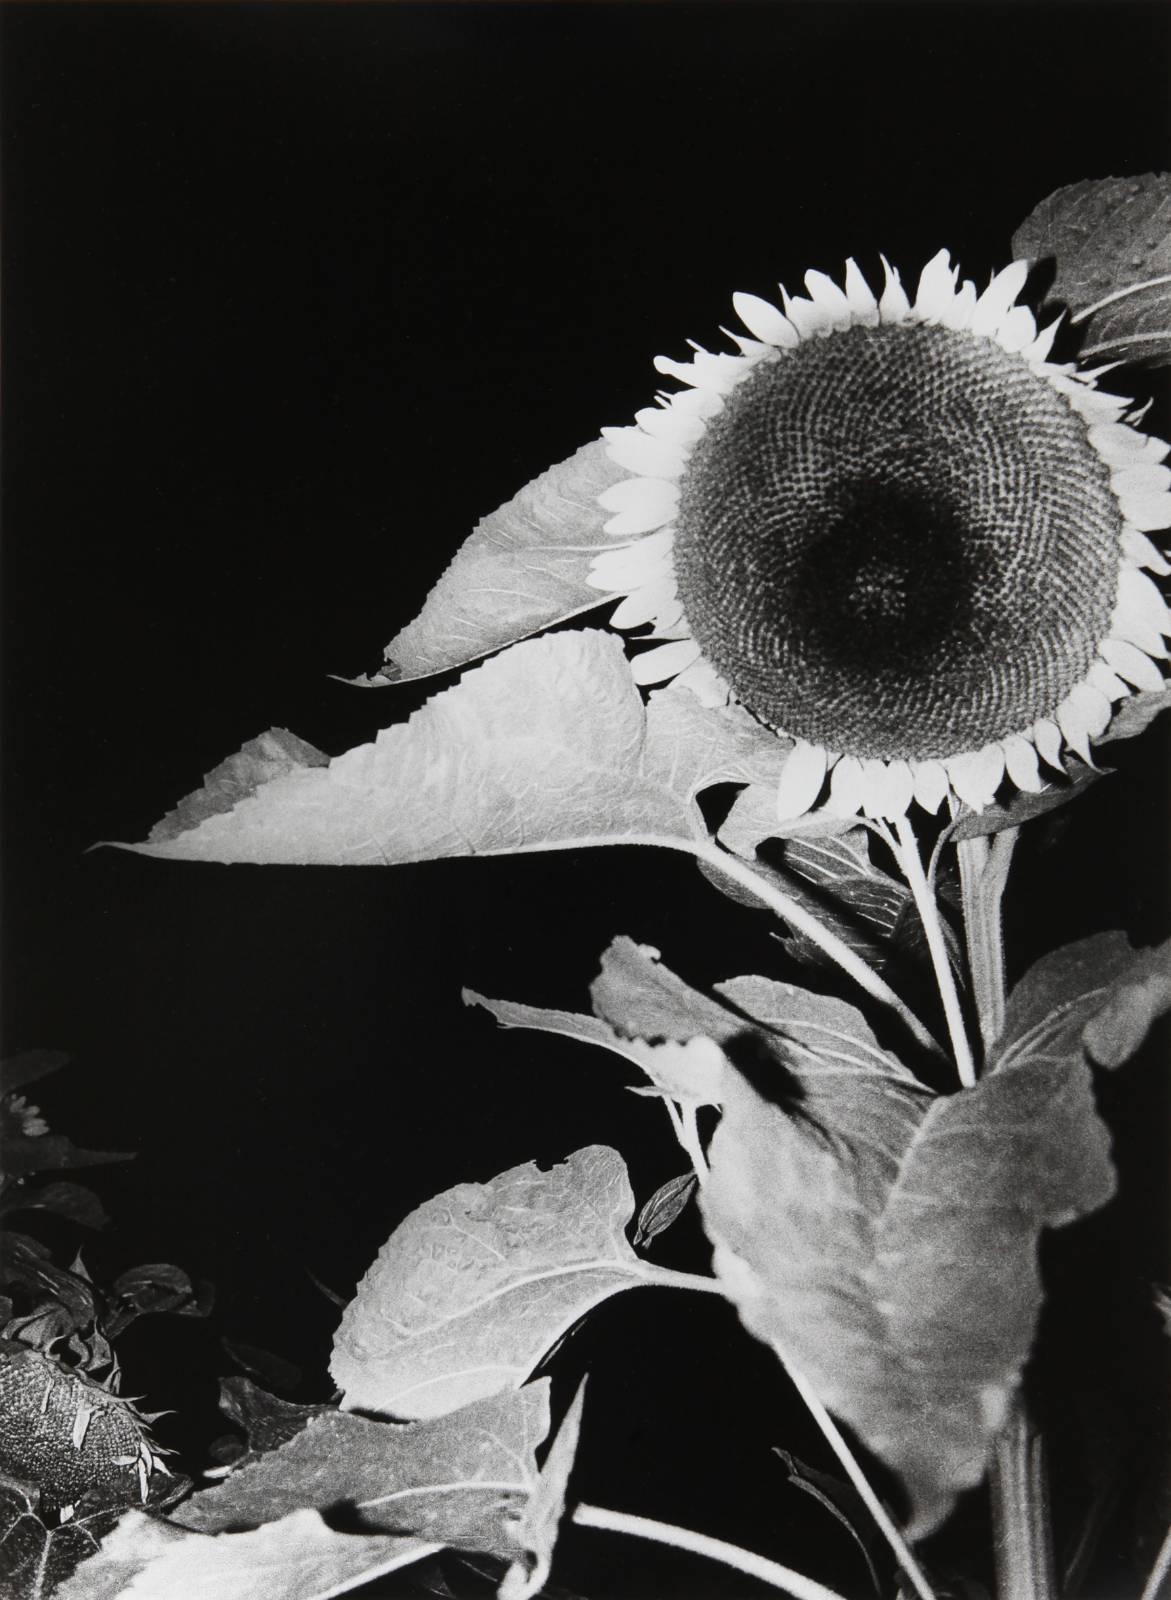 Sunflower, 1990/2010, silver-gelatin print, 40,7 x 30 cm